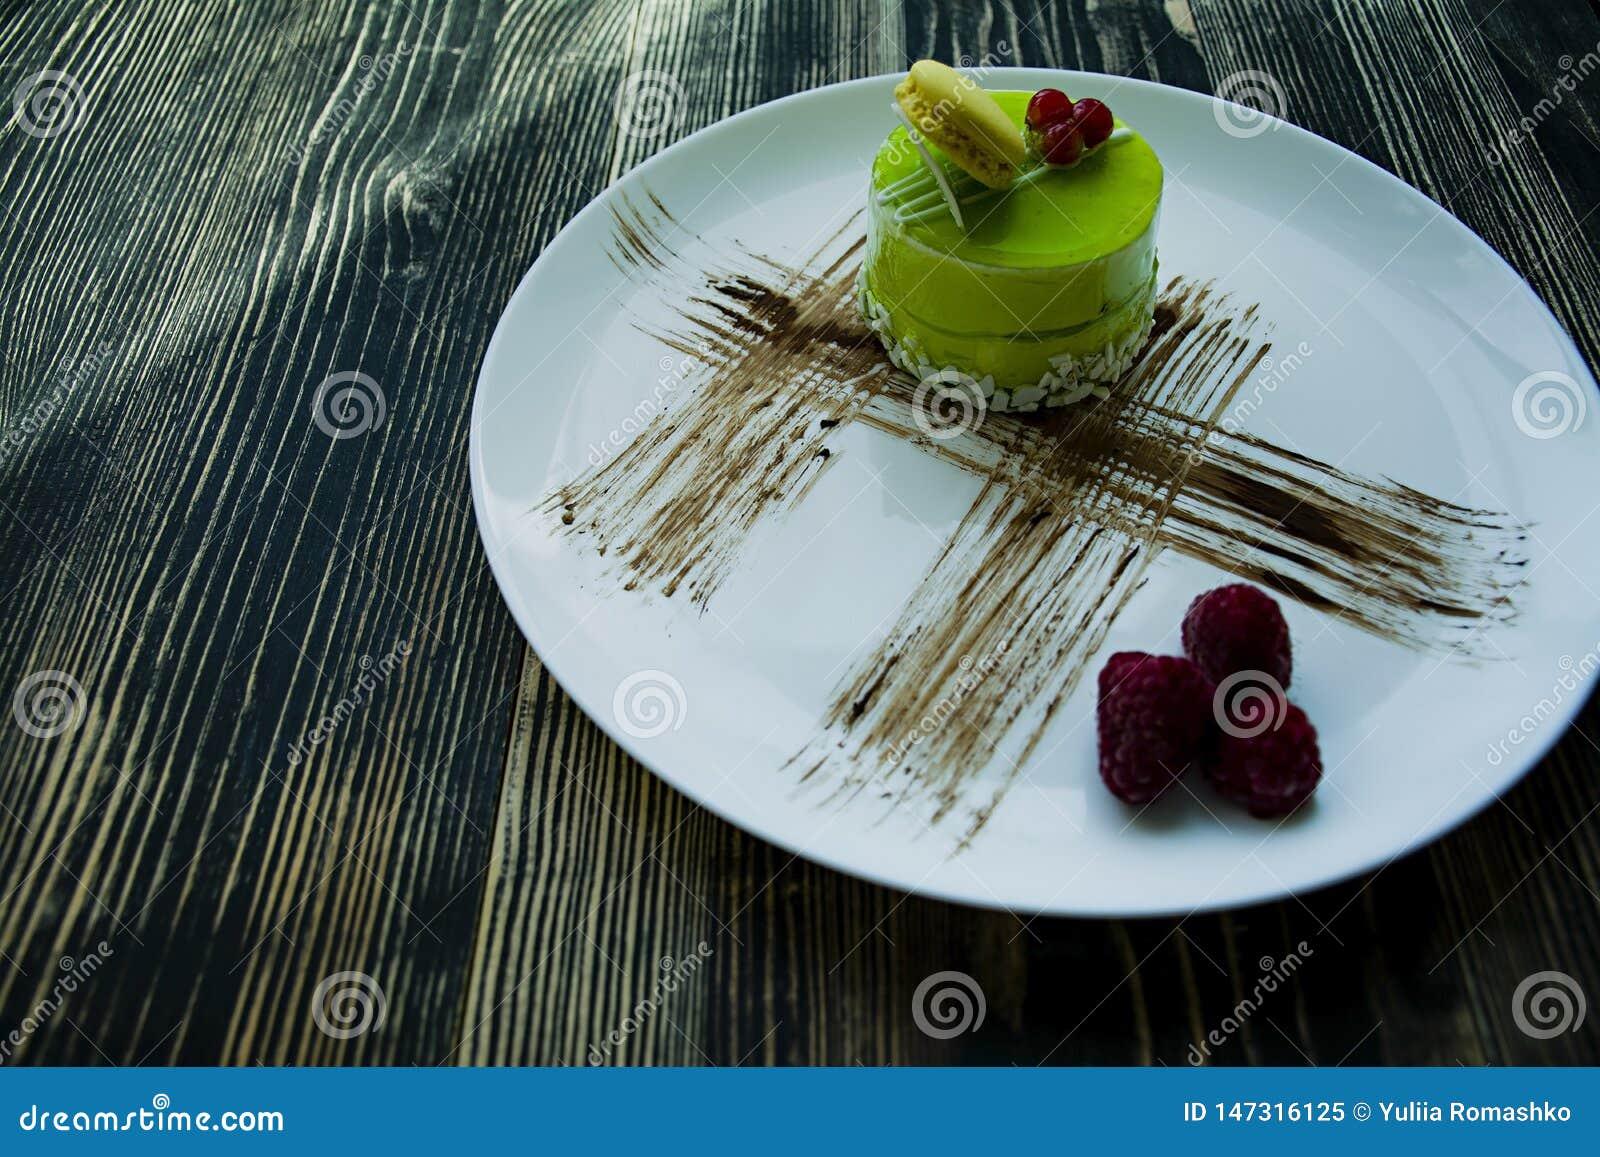 Ένα μικρό κέικ φυστικιών με ένα πράσινο επίστρωμα και διακοσμημένος με το viburnum, βιομηχανία ζαχαρωδών προϊόντων που ντύνει σε